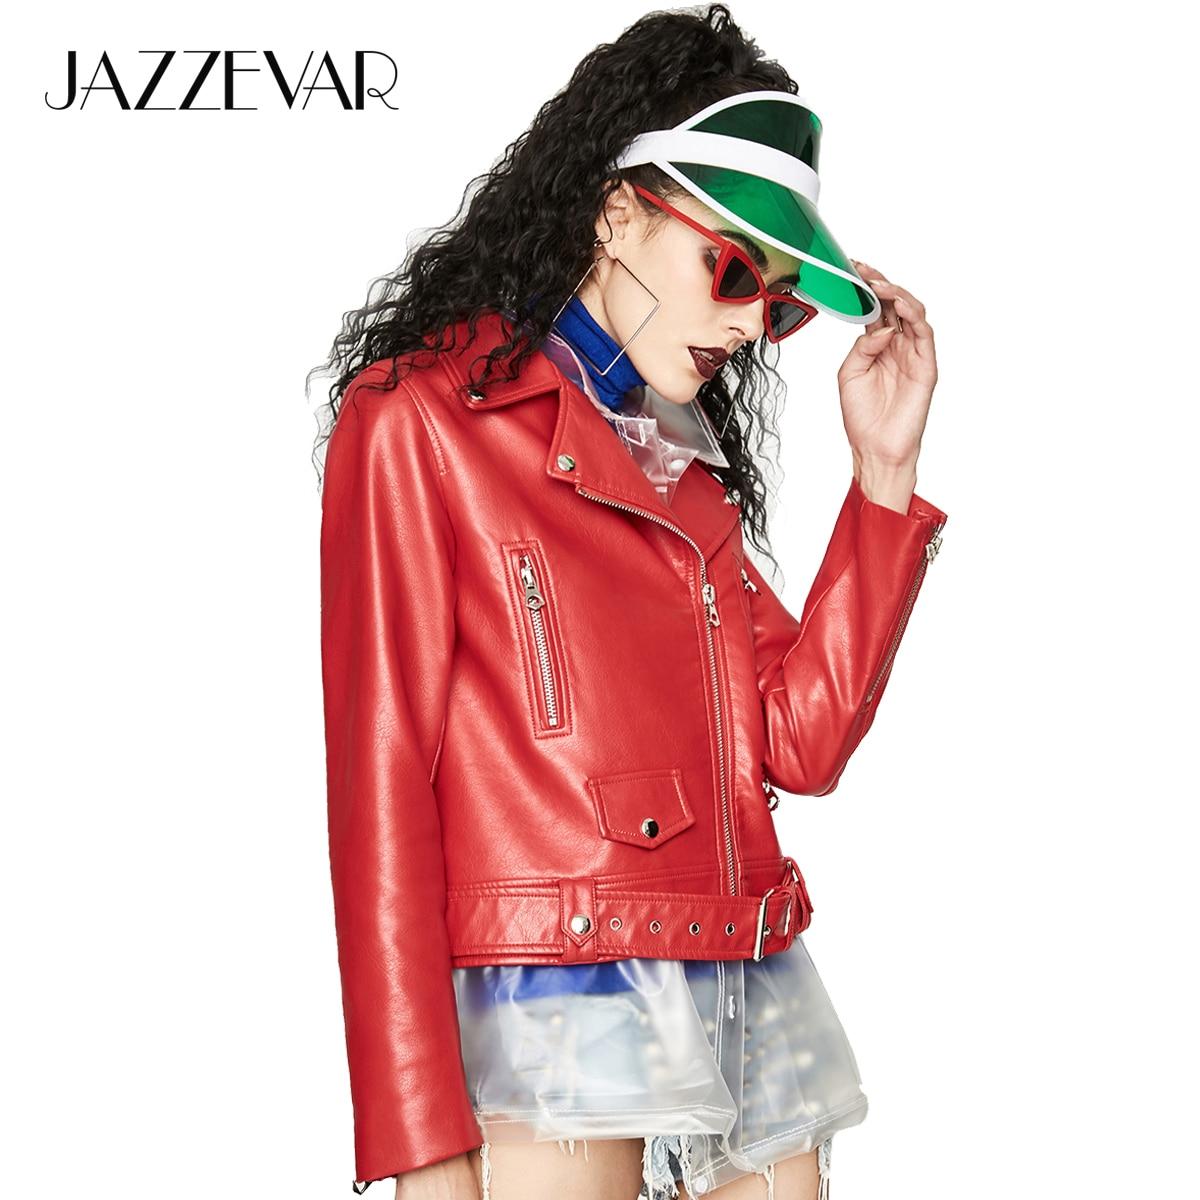 Haus & Garten FleißIg Jazzevar 2018 Neue Herbst High Fashion Street Frauen Gewaschen Pu Leder Jacke Kurze Zipper Damen Grund Jacken Gute Qualität